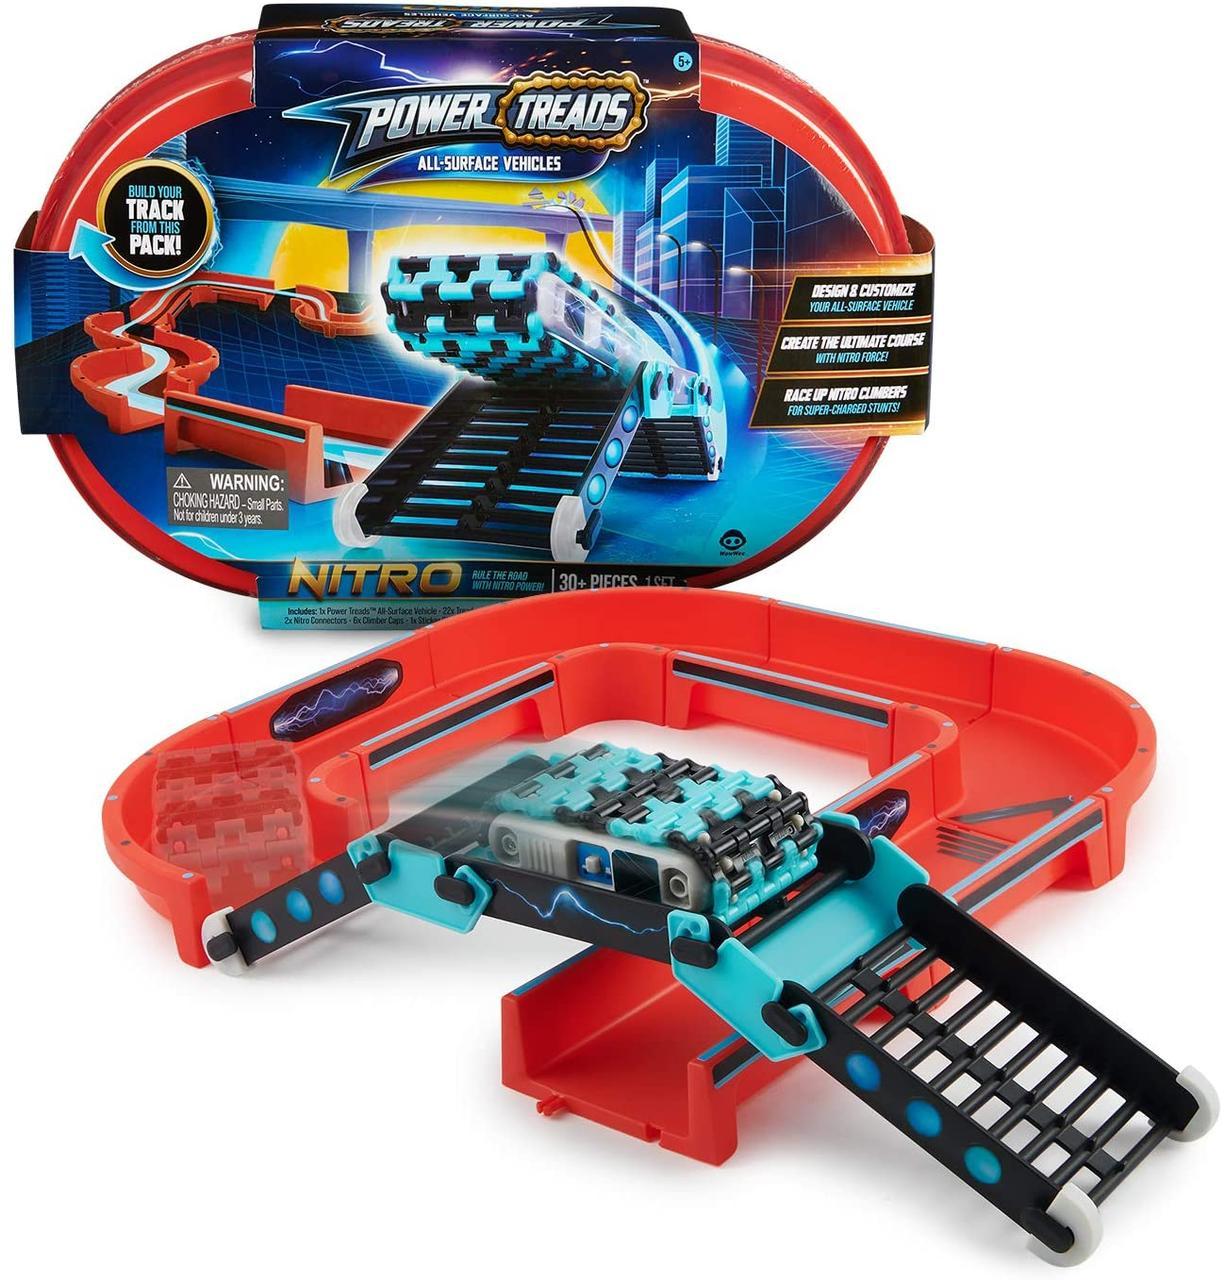 Ігровий набір Трек і Всюдихід WowWee Power Treads - Nitro Stunt Pack оригінал США